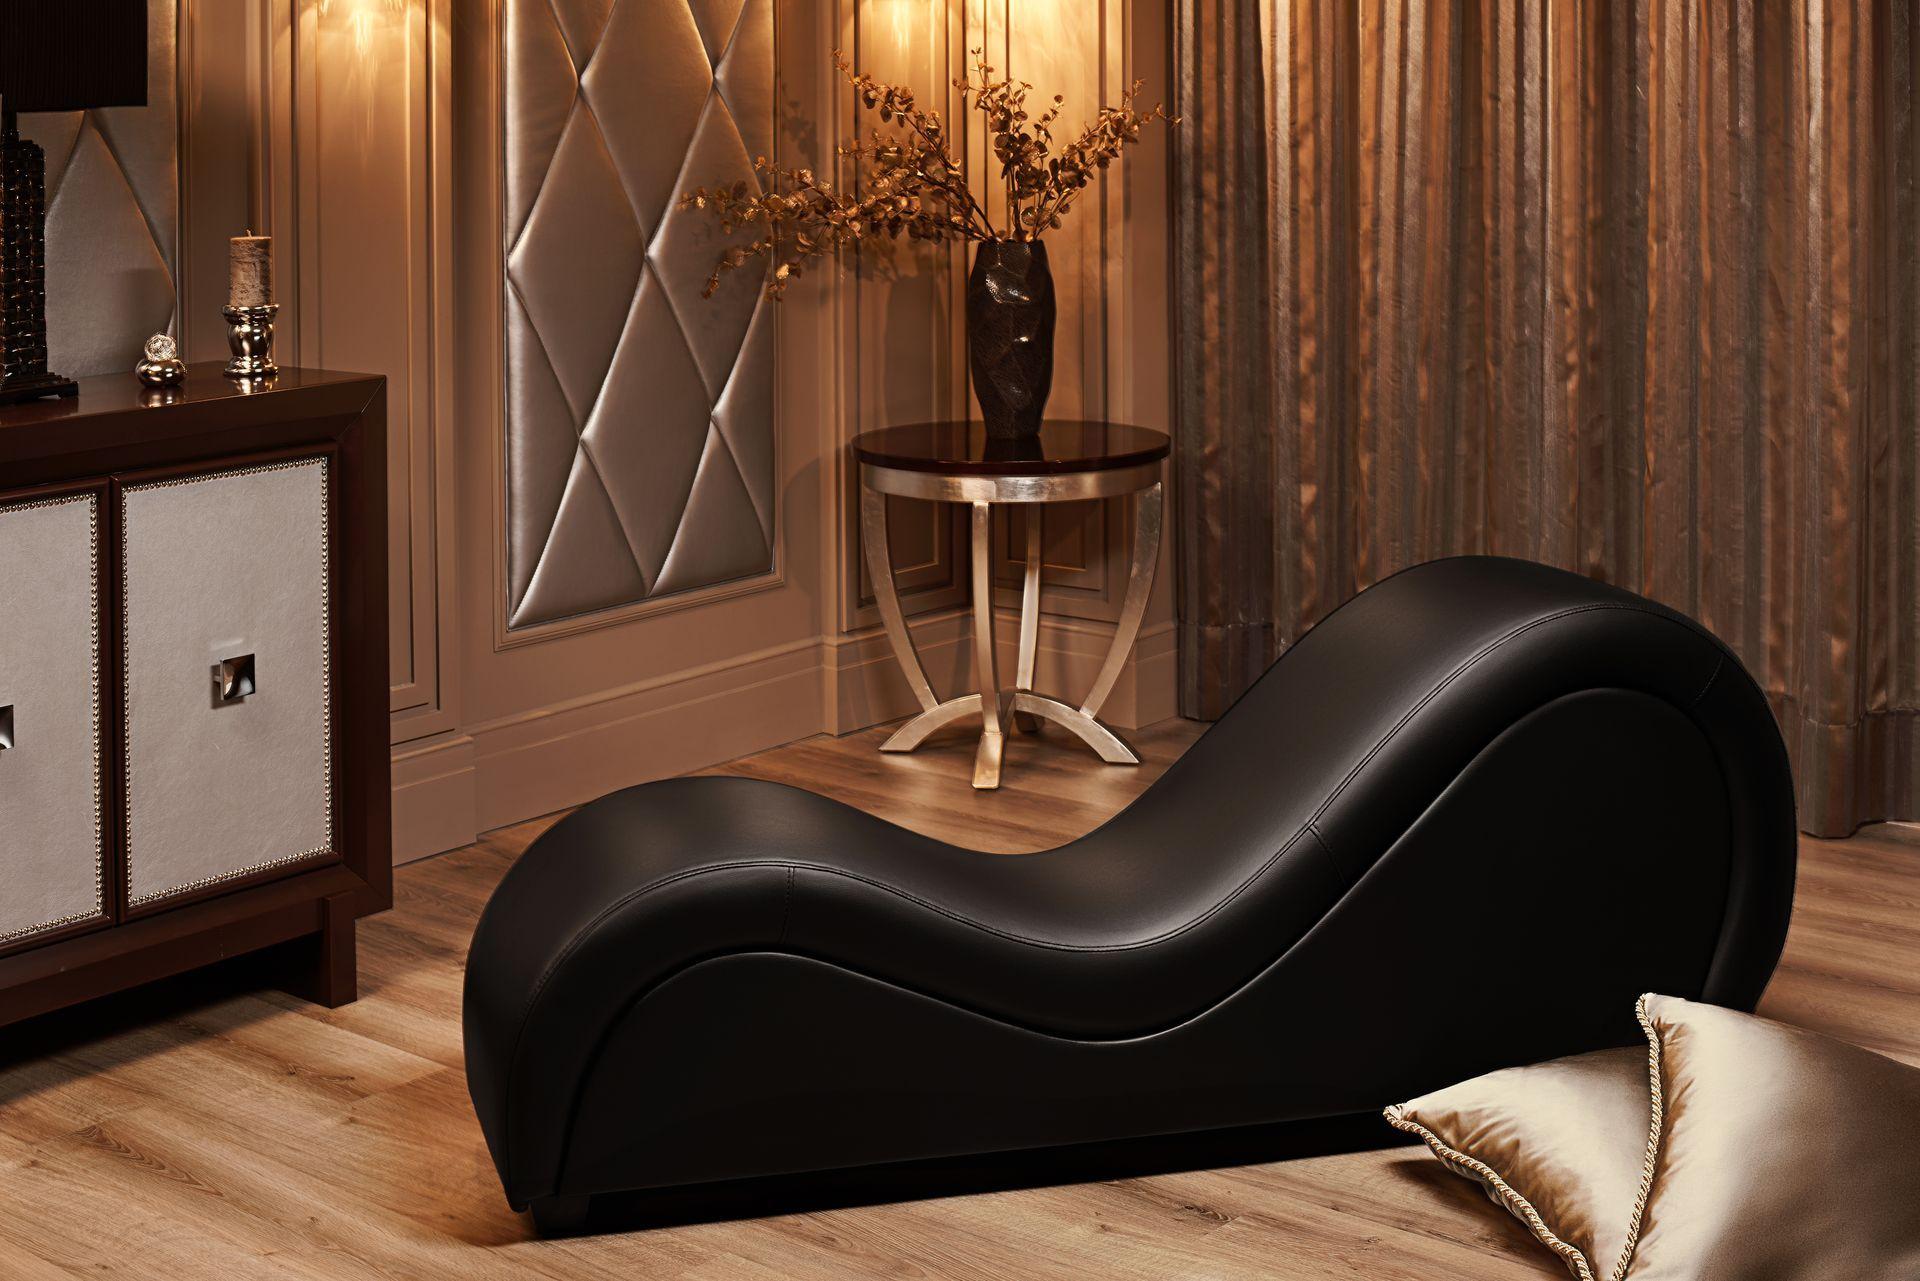 Divan tantra black practic pinterest sillas separadores de ambiente y novios boda - Sillon tantra posiciones ...